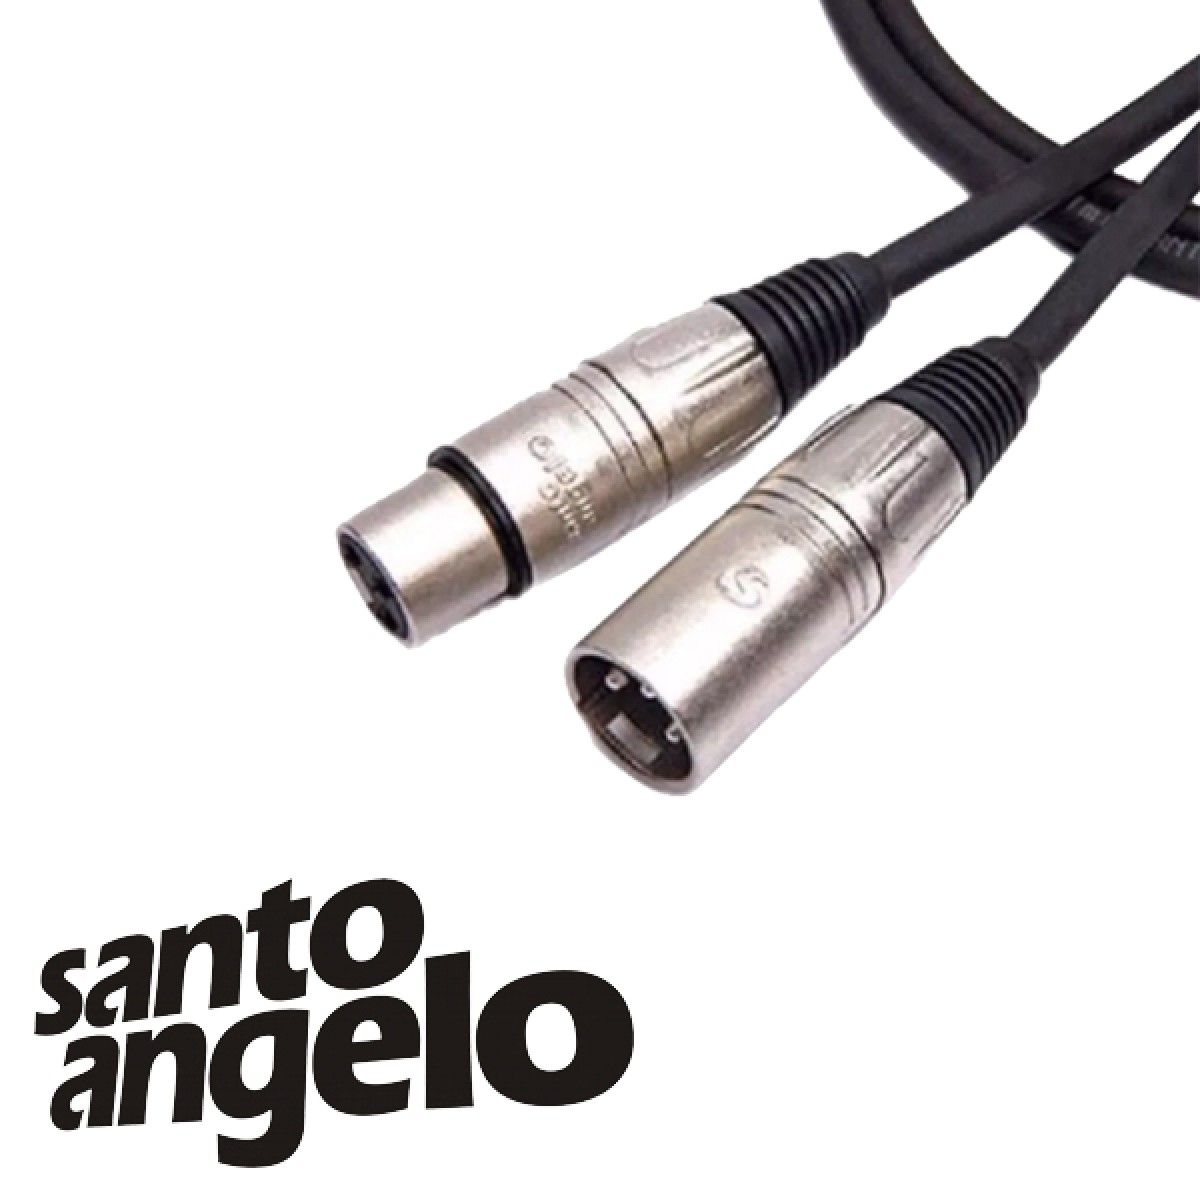 Cabo de Microfone Santo Angelo Canon Balanceado Xlr + Xlr 5 Metros (Montado)  - RS Som e Luz!